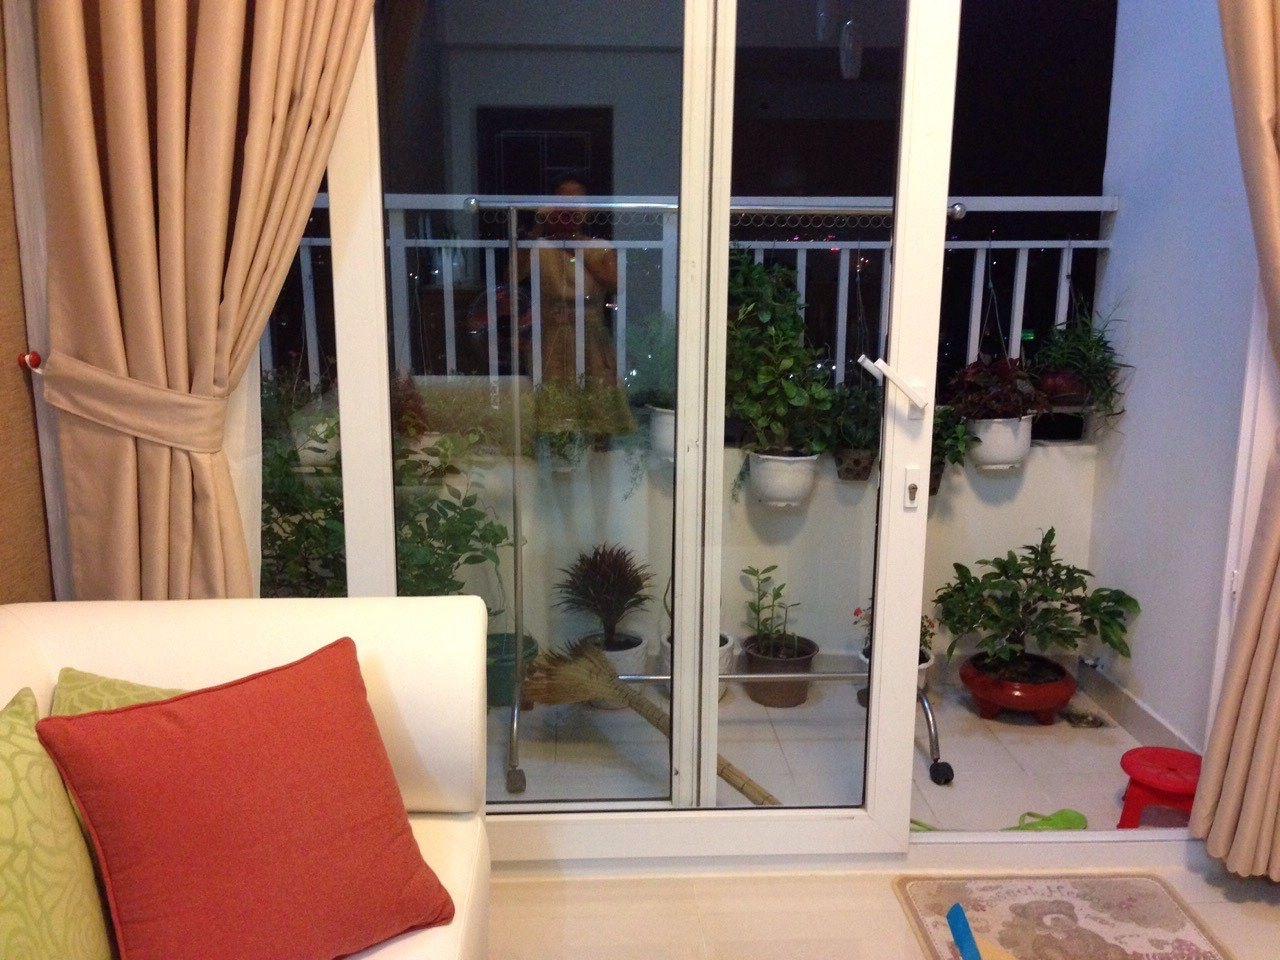 Căn hộ Melody Âu Cơ, mới nhận nhà, 70m2, 2PN đầy đủ nội thất, giá cho thuê 13 triệu